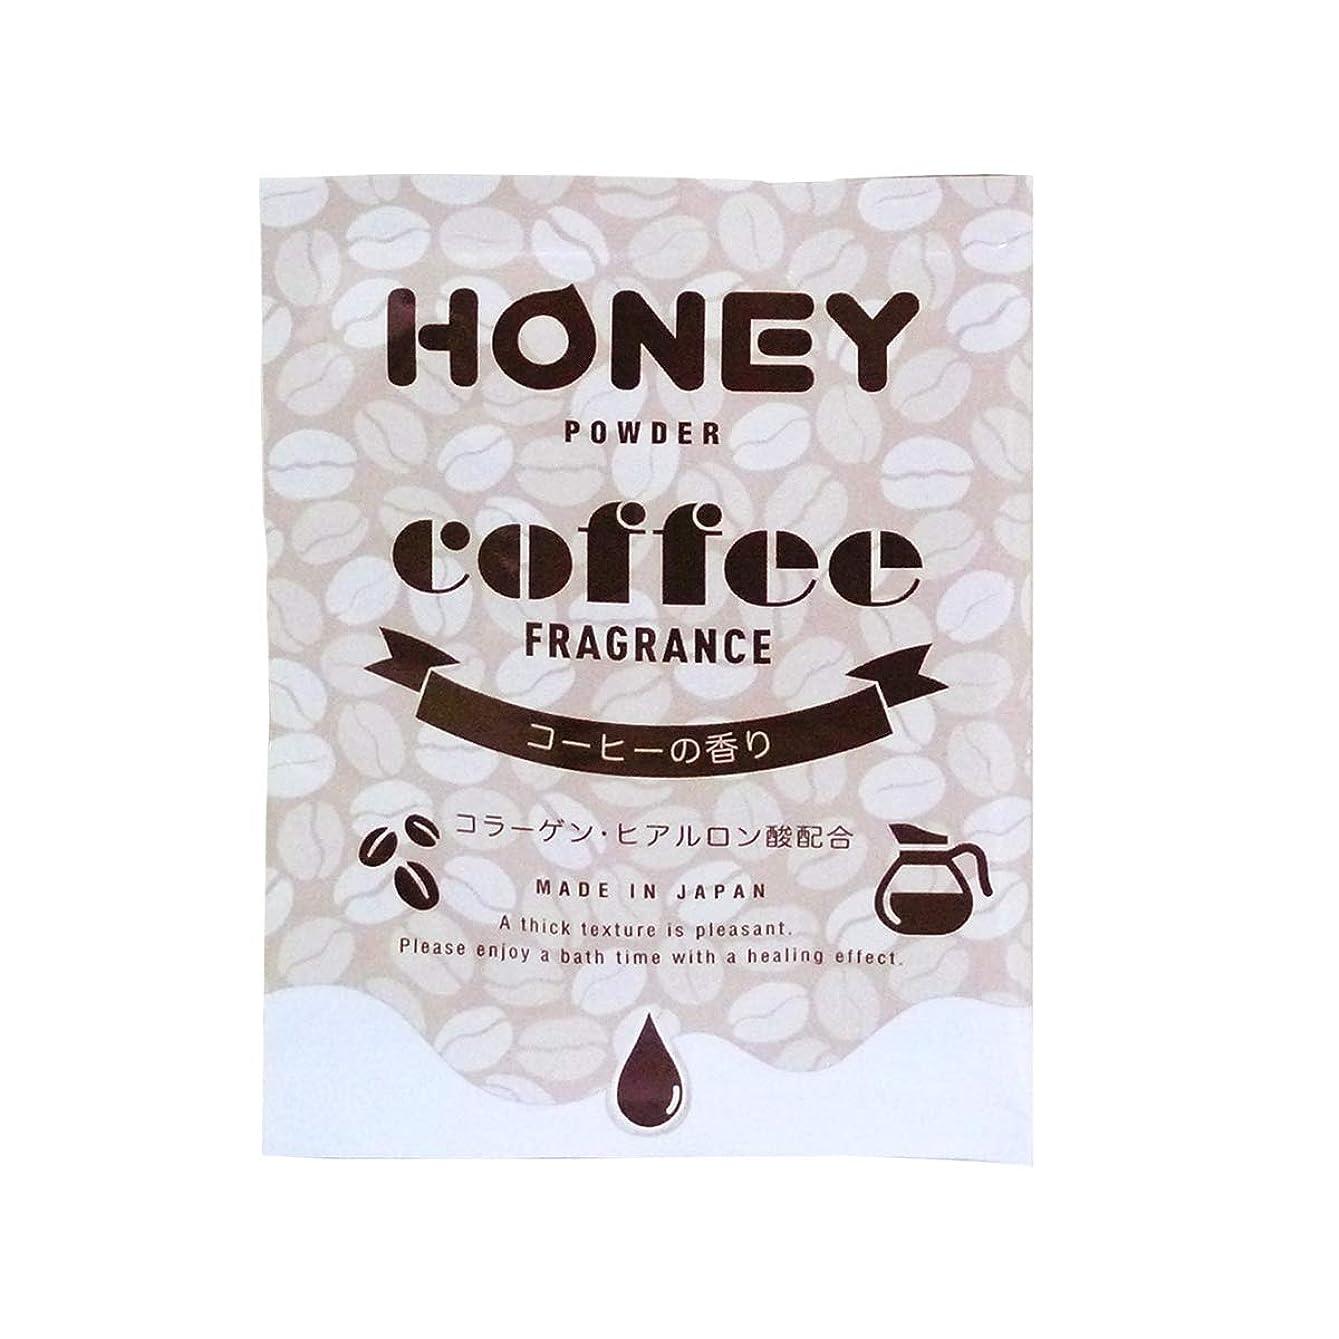 暗殺木曜日億とろとろ入浴剤【honey powder】(ハニーパウダー) コーヒーの香り 粉末タイプ ローション